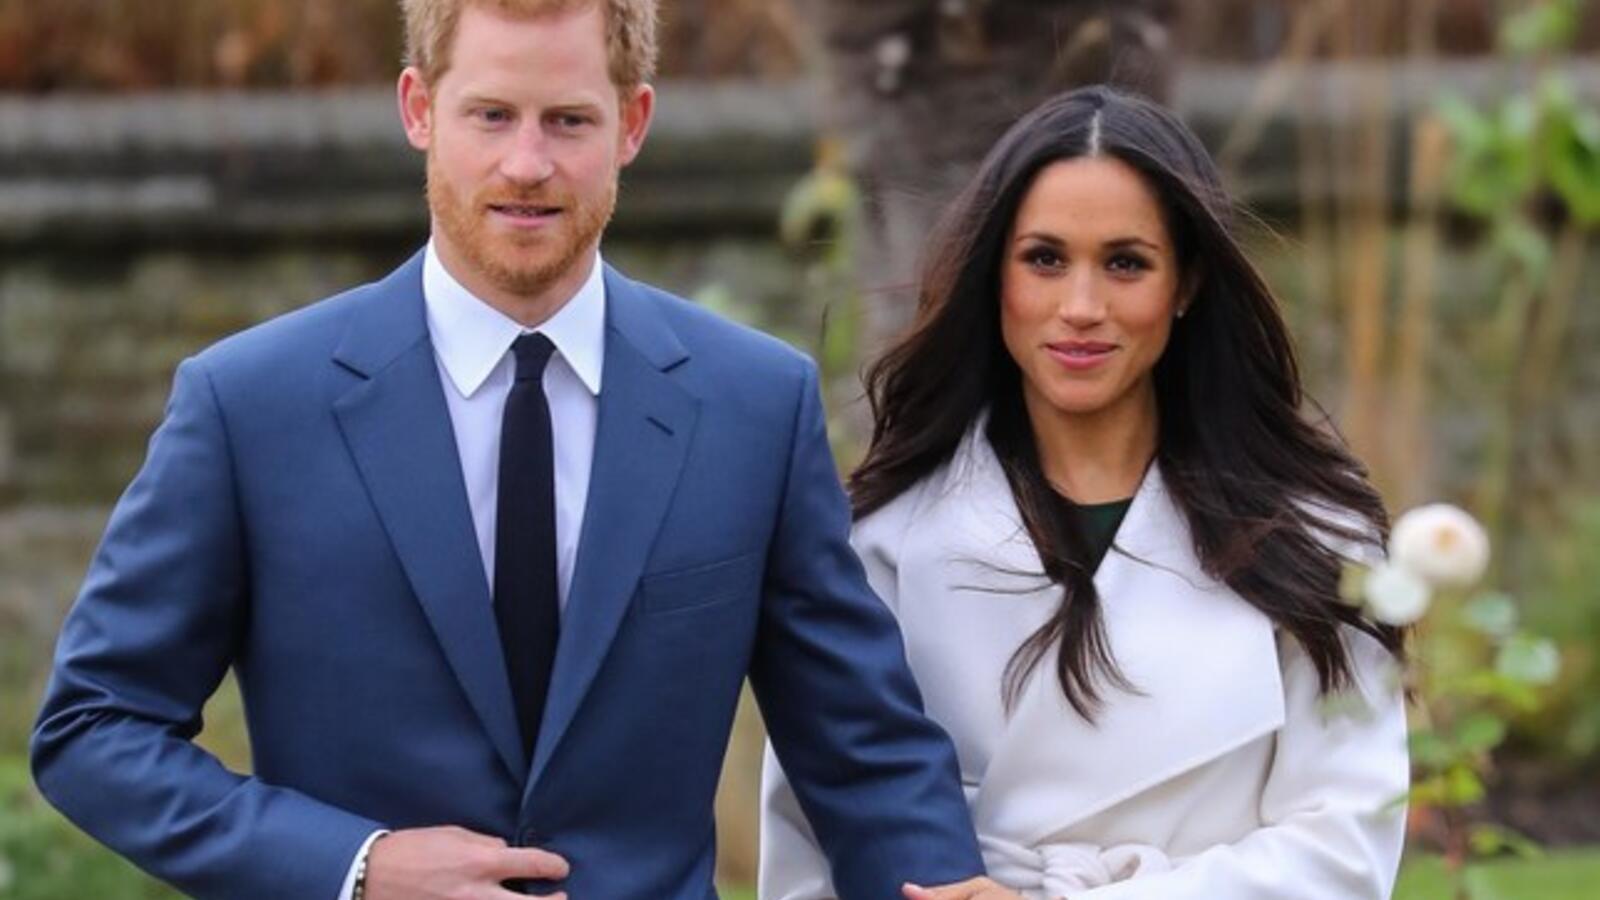 ملكة بريطانيا تعلن رسميا حرمان هاري وميغان من الألقاب الملكية والدعم المادي